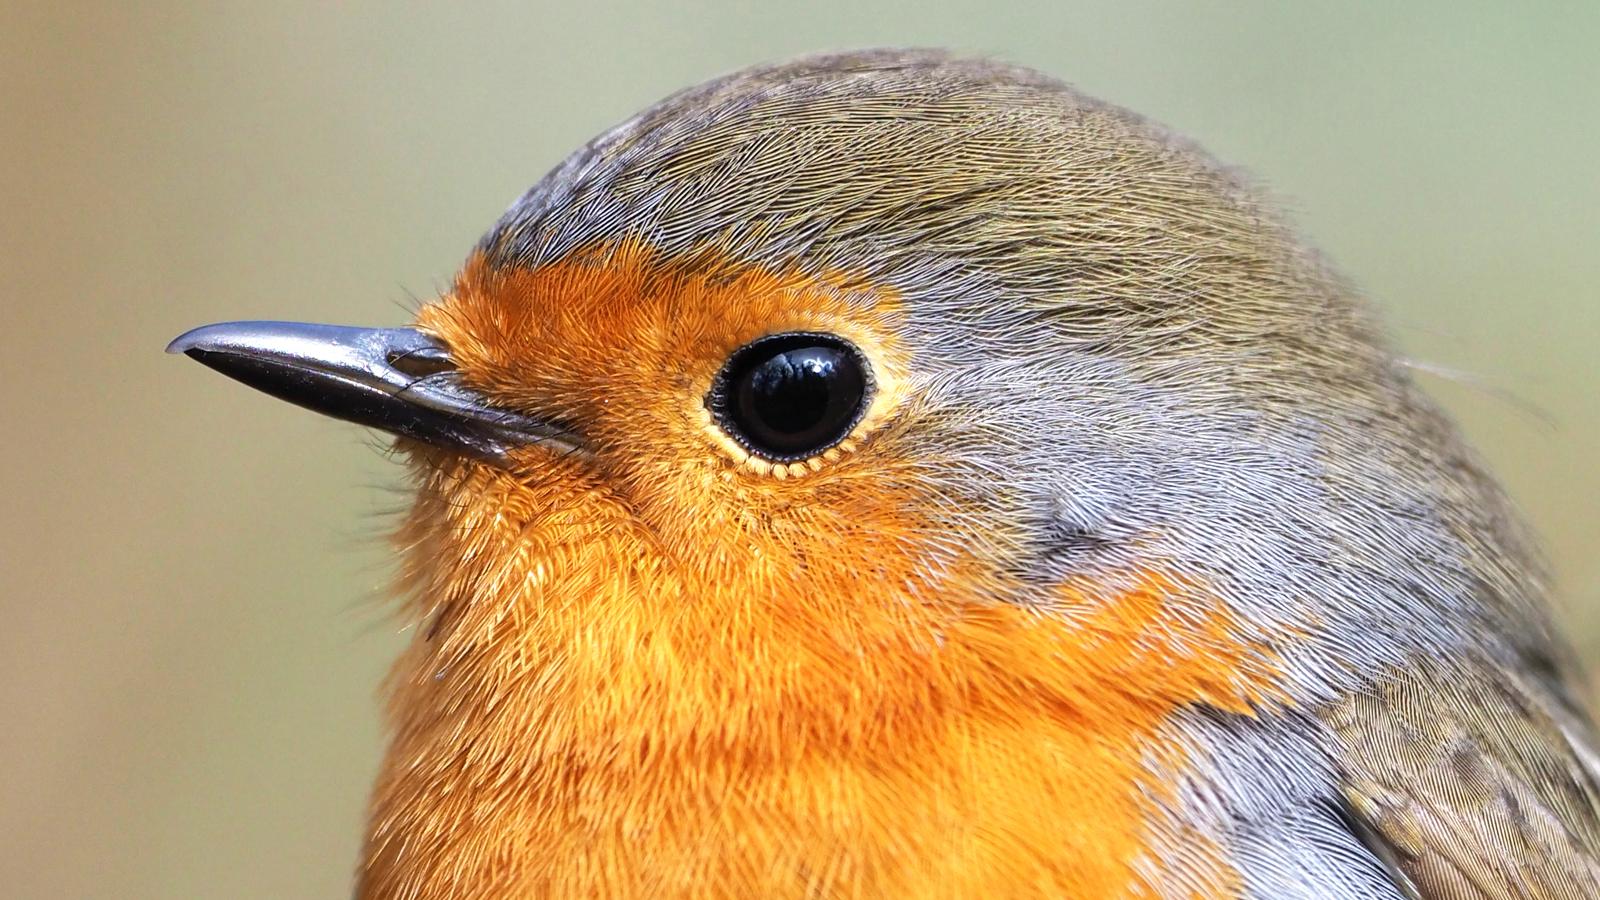 A bird's eye view of quantum entanglement